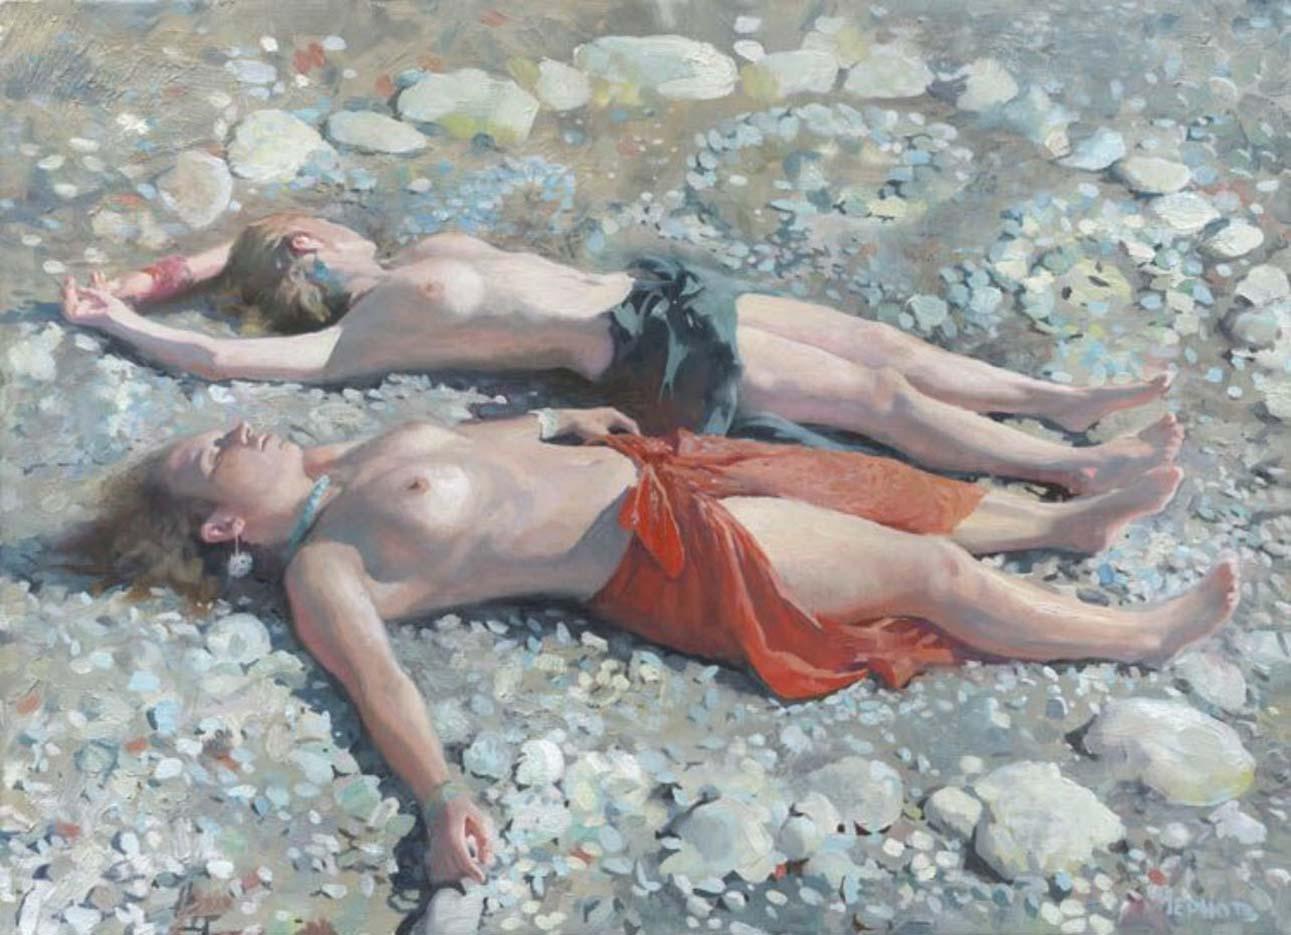 """Денис Чернов (Denis Chernov), """"На пляже"""""""